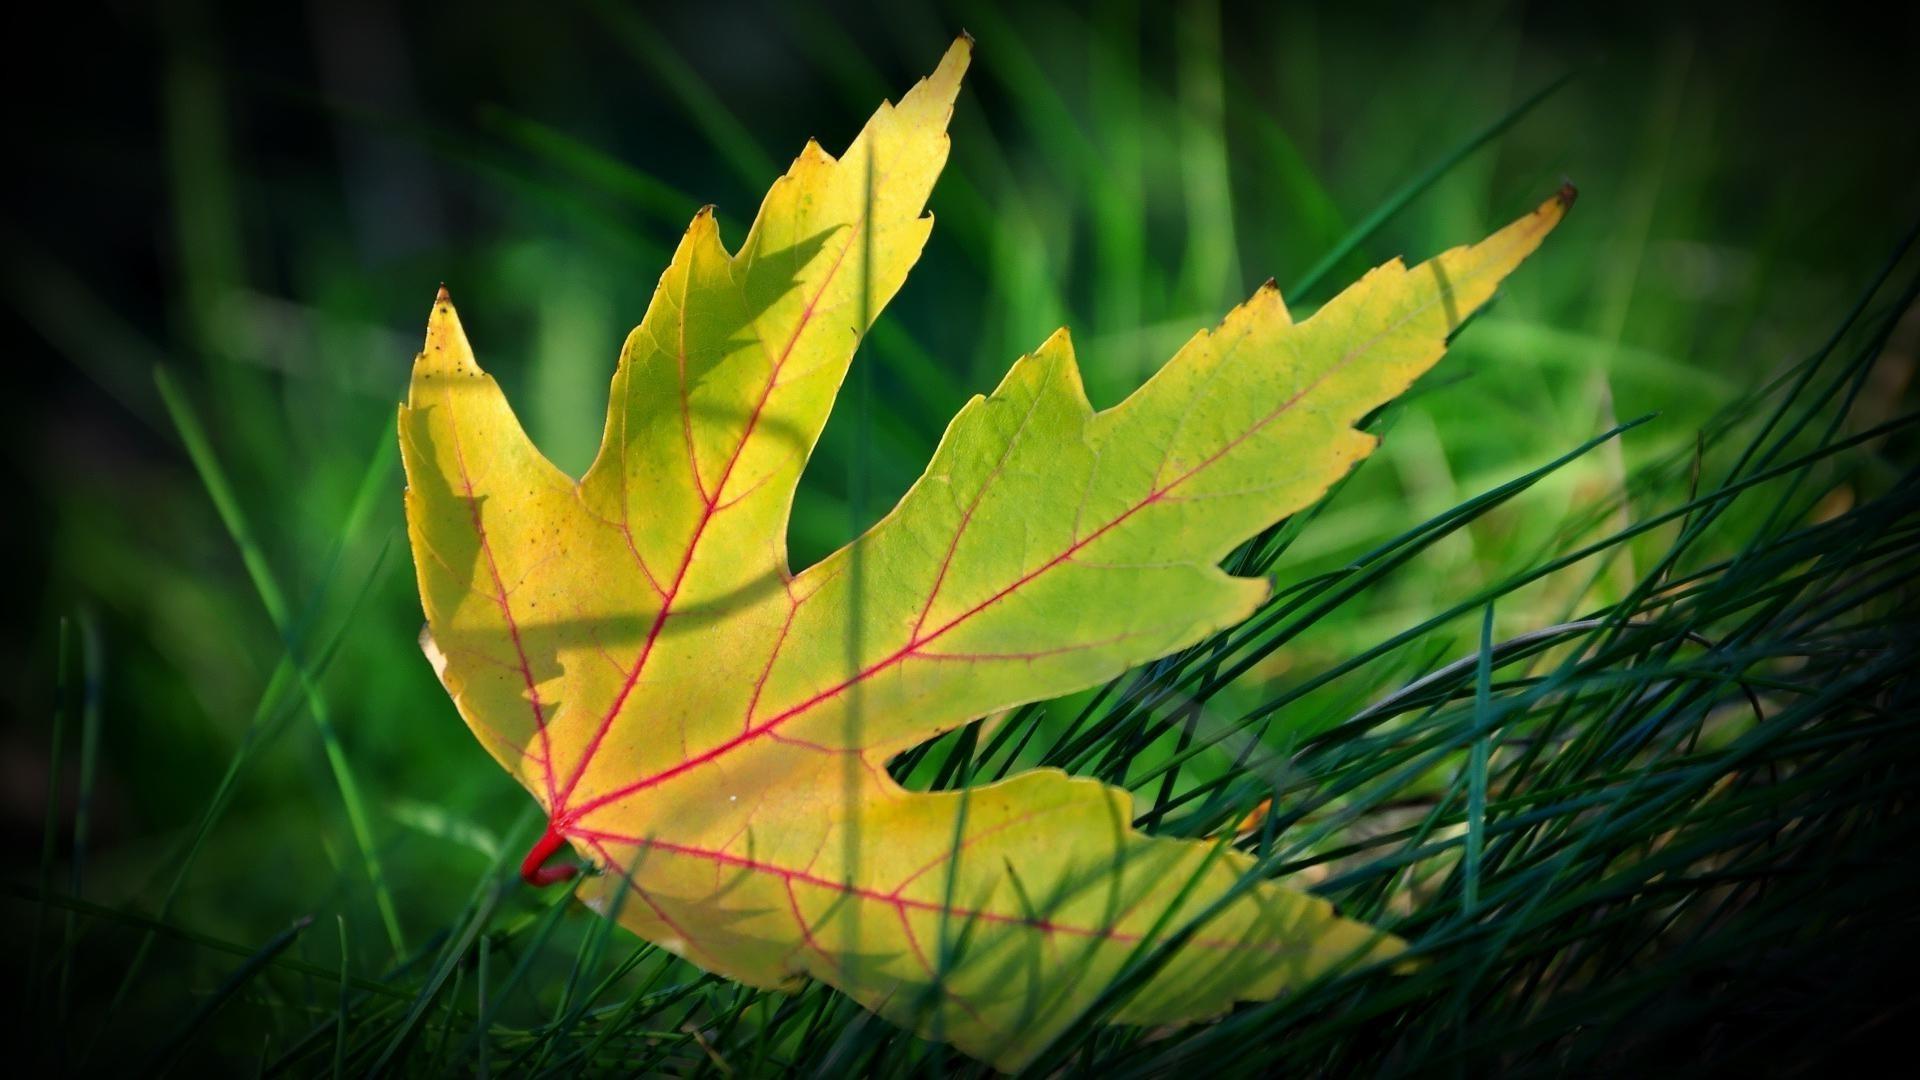 собраны обои желтые листья муфты служат